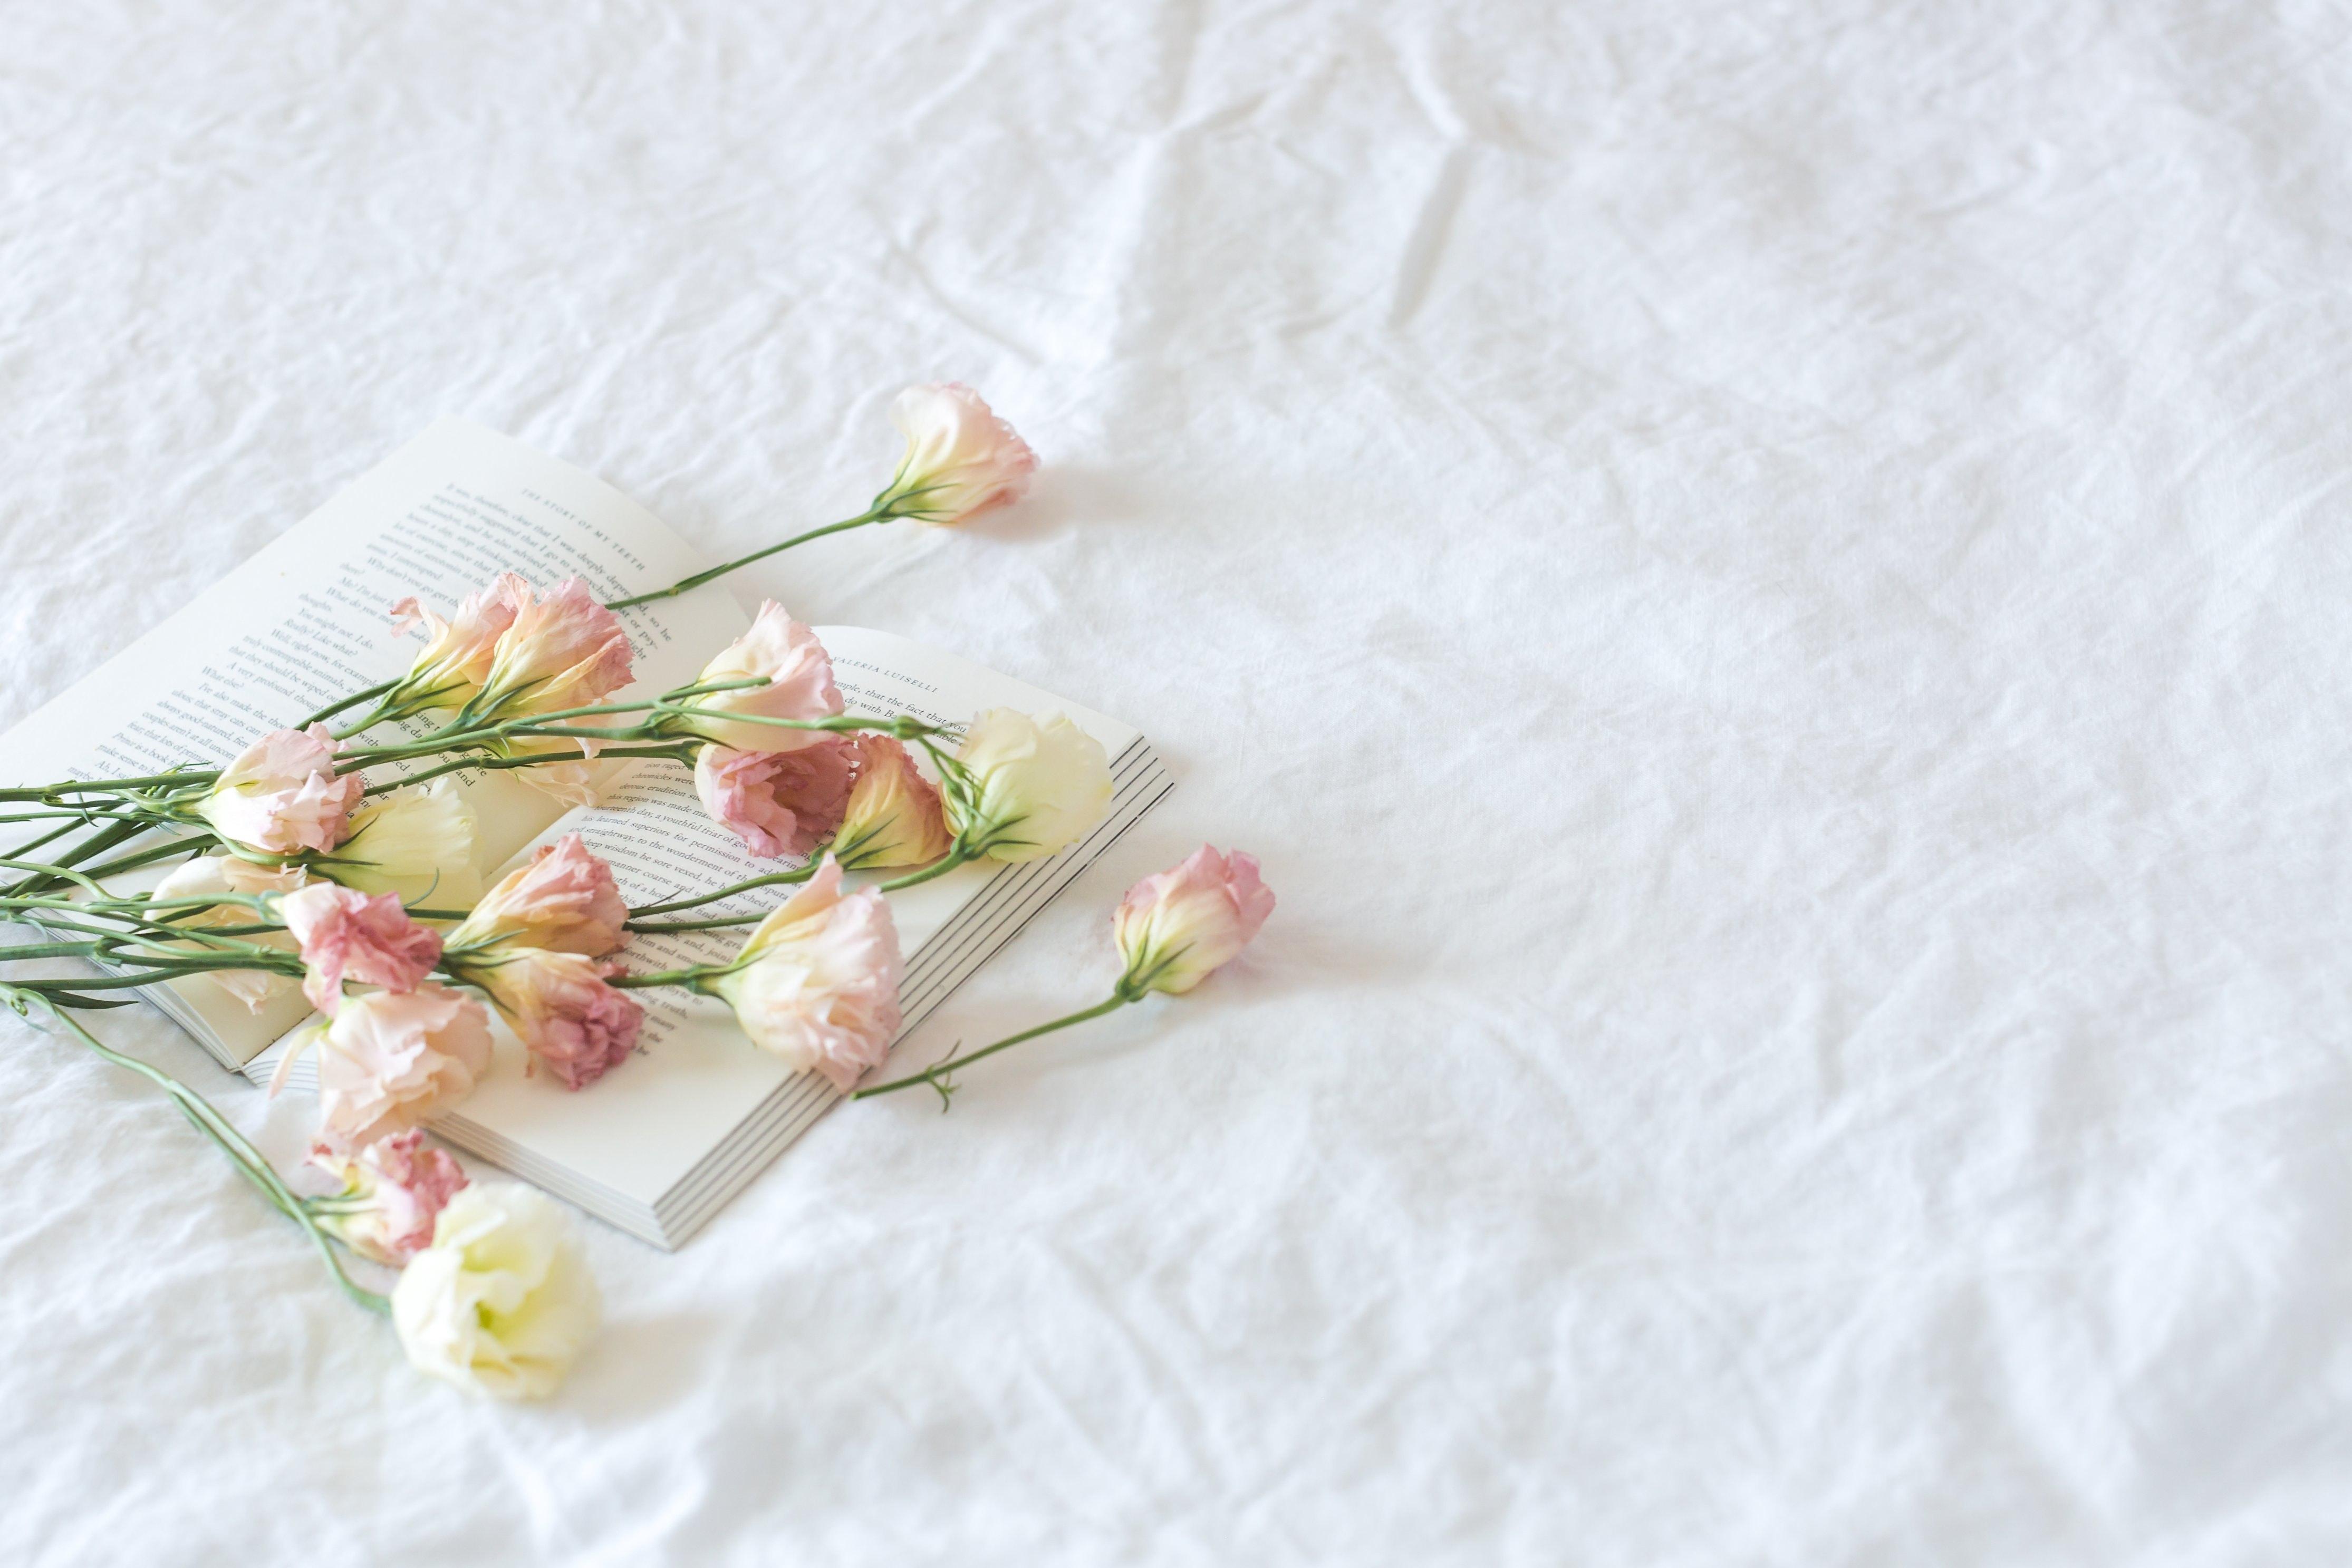 1000+ Beautiful White Background Photos · Pexels · Free Stock Photos